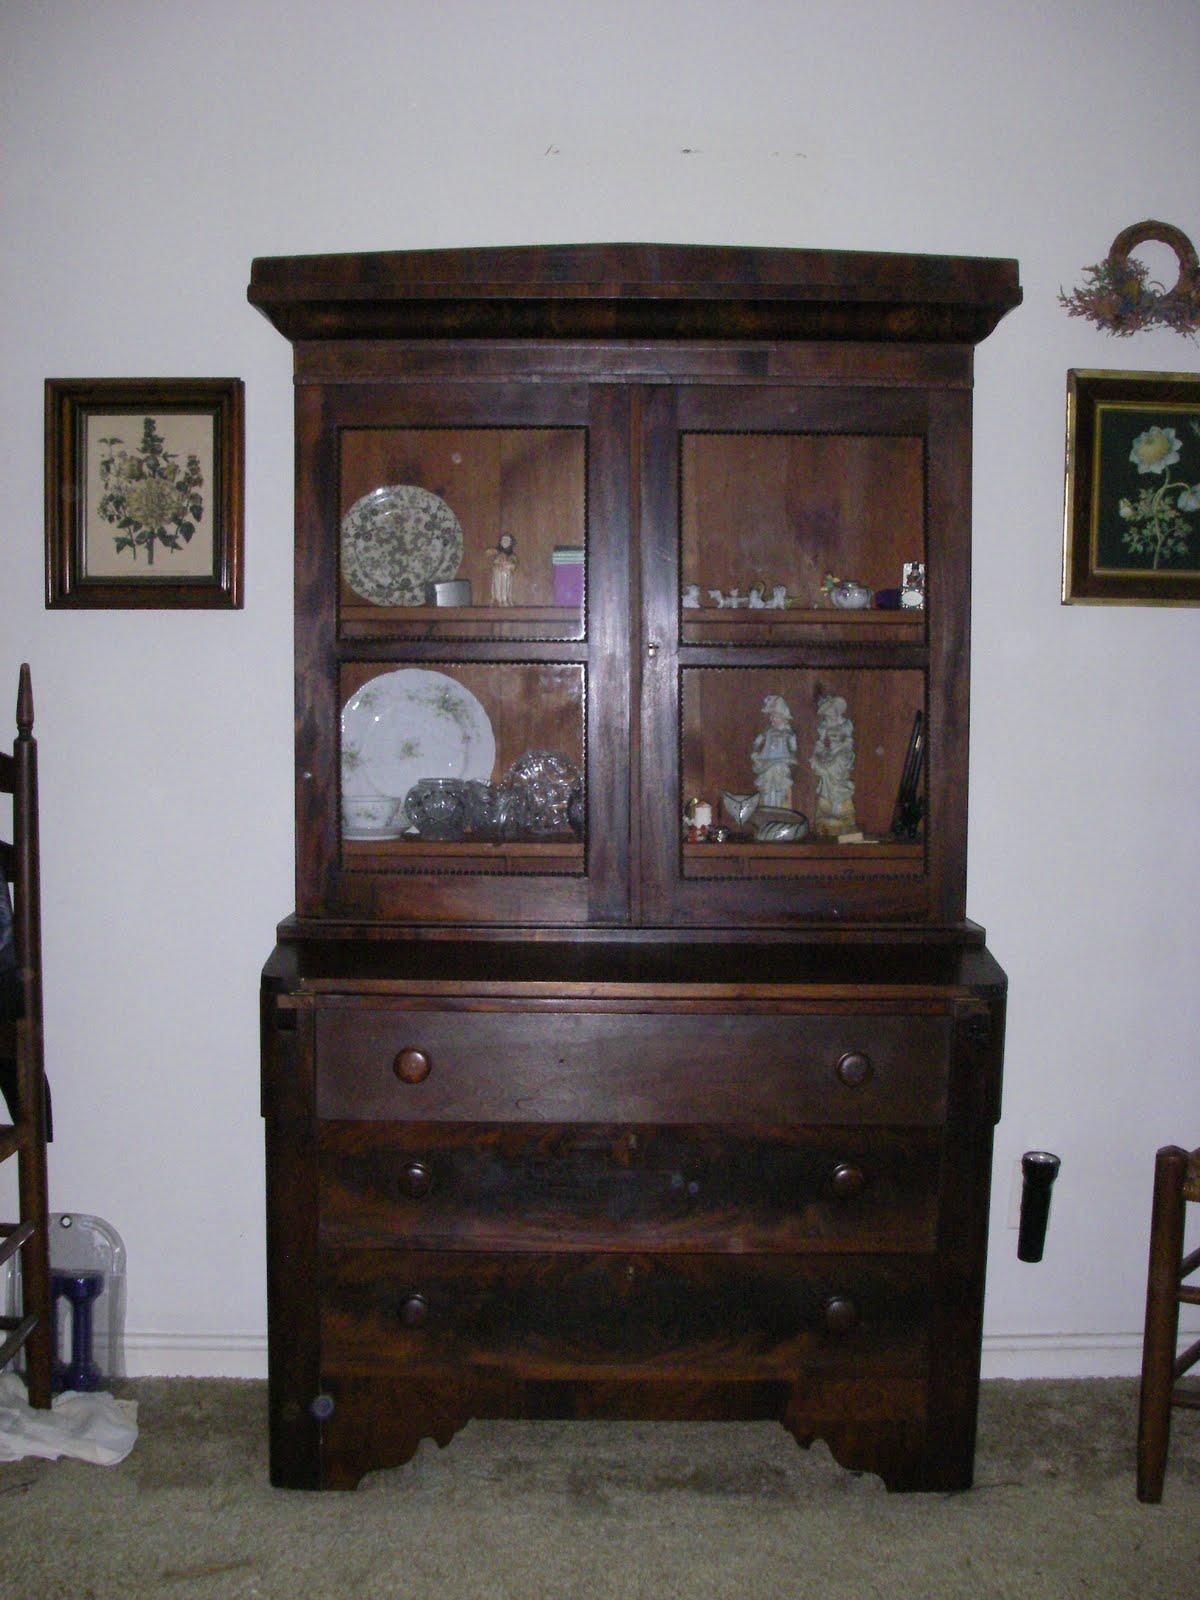 Yard Sale Furniture Estate Sale Antique Cabinet Hutch